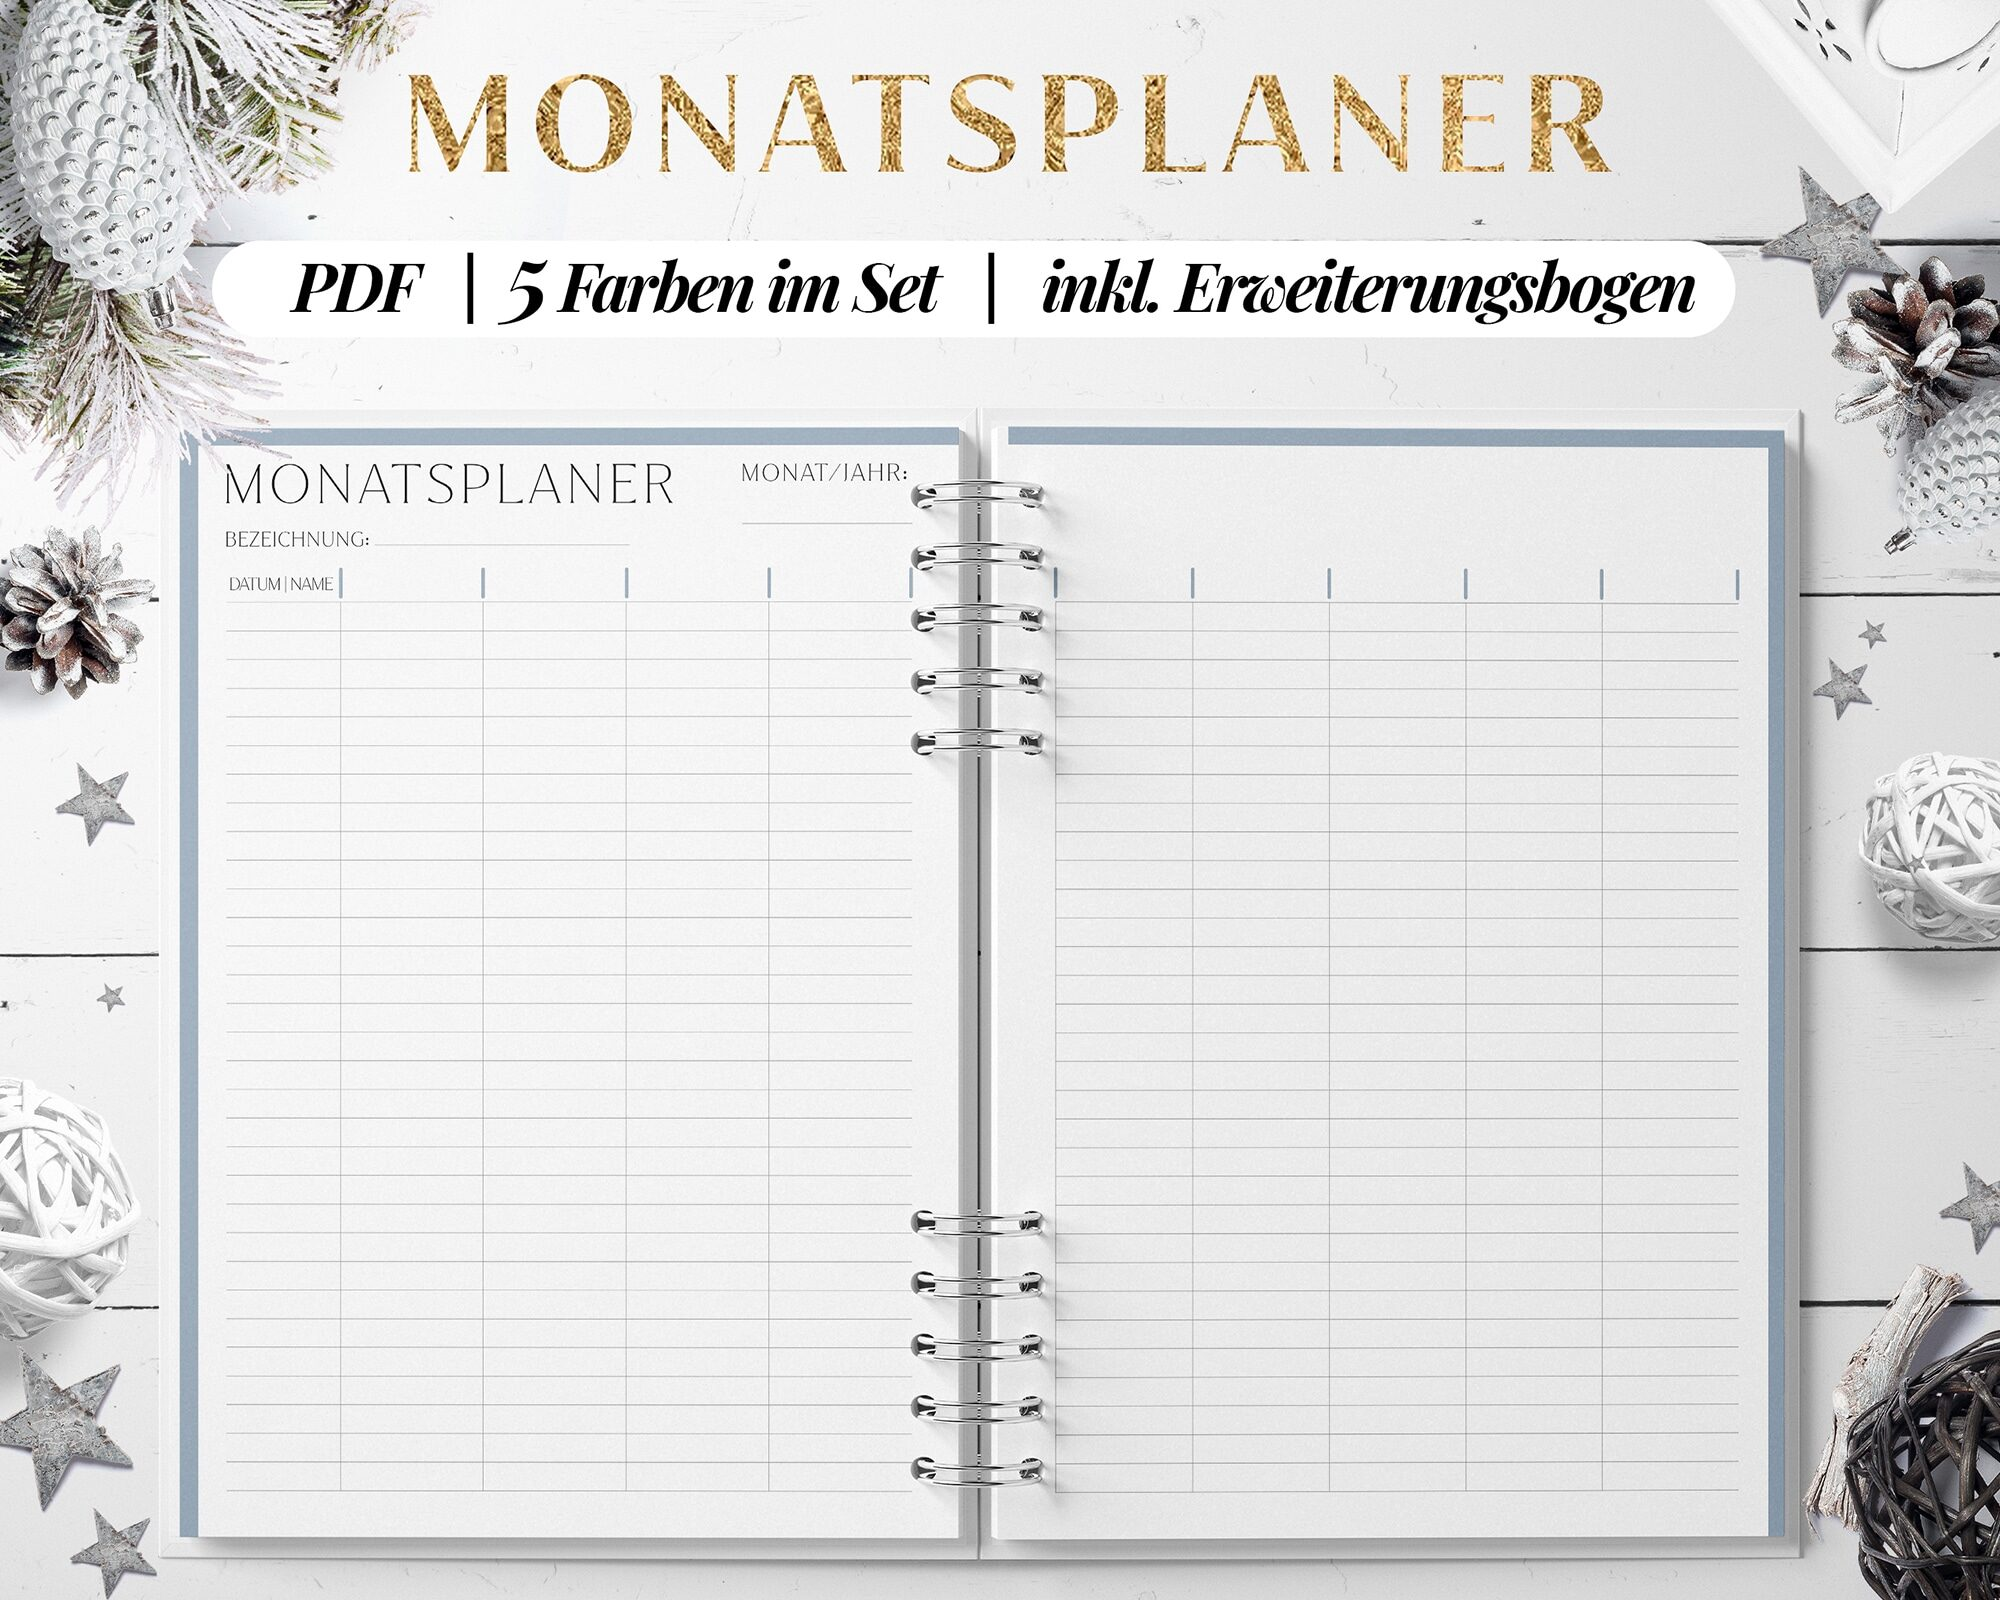 Monatskalender Druckvorlage pdf download